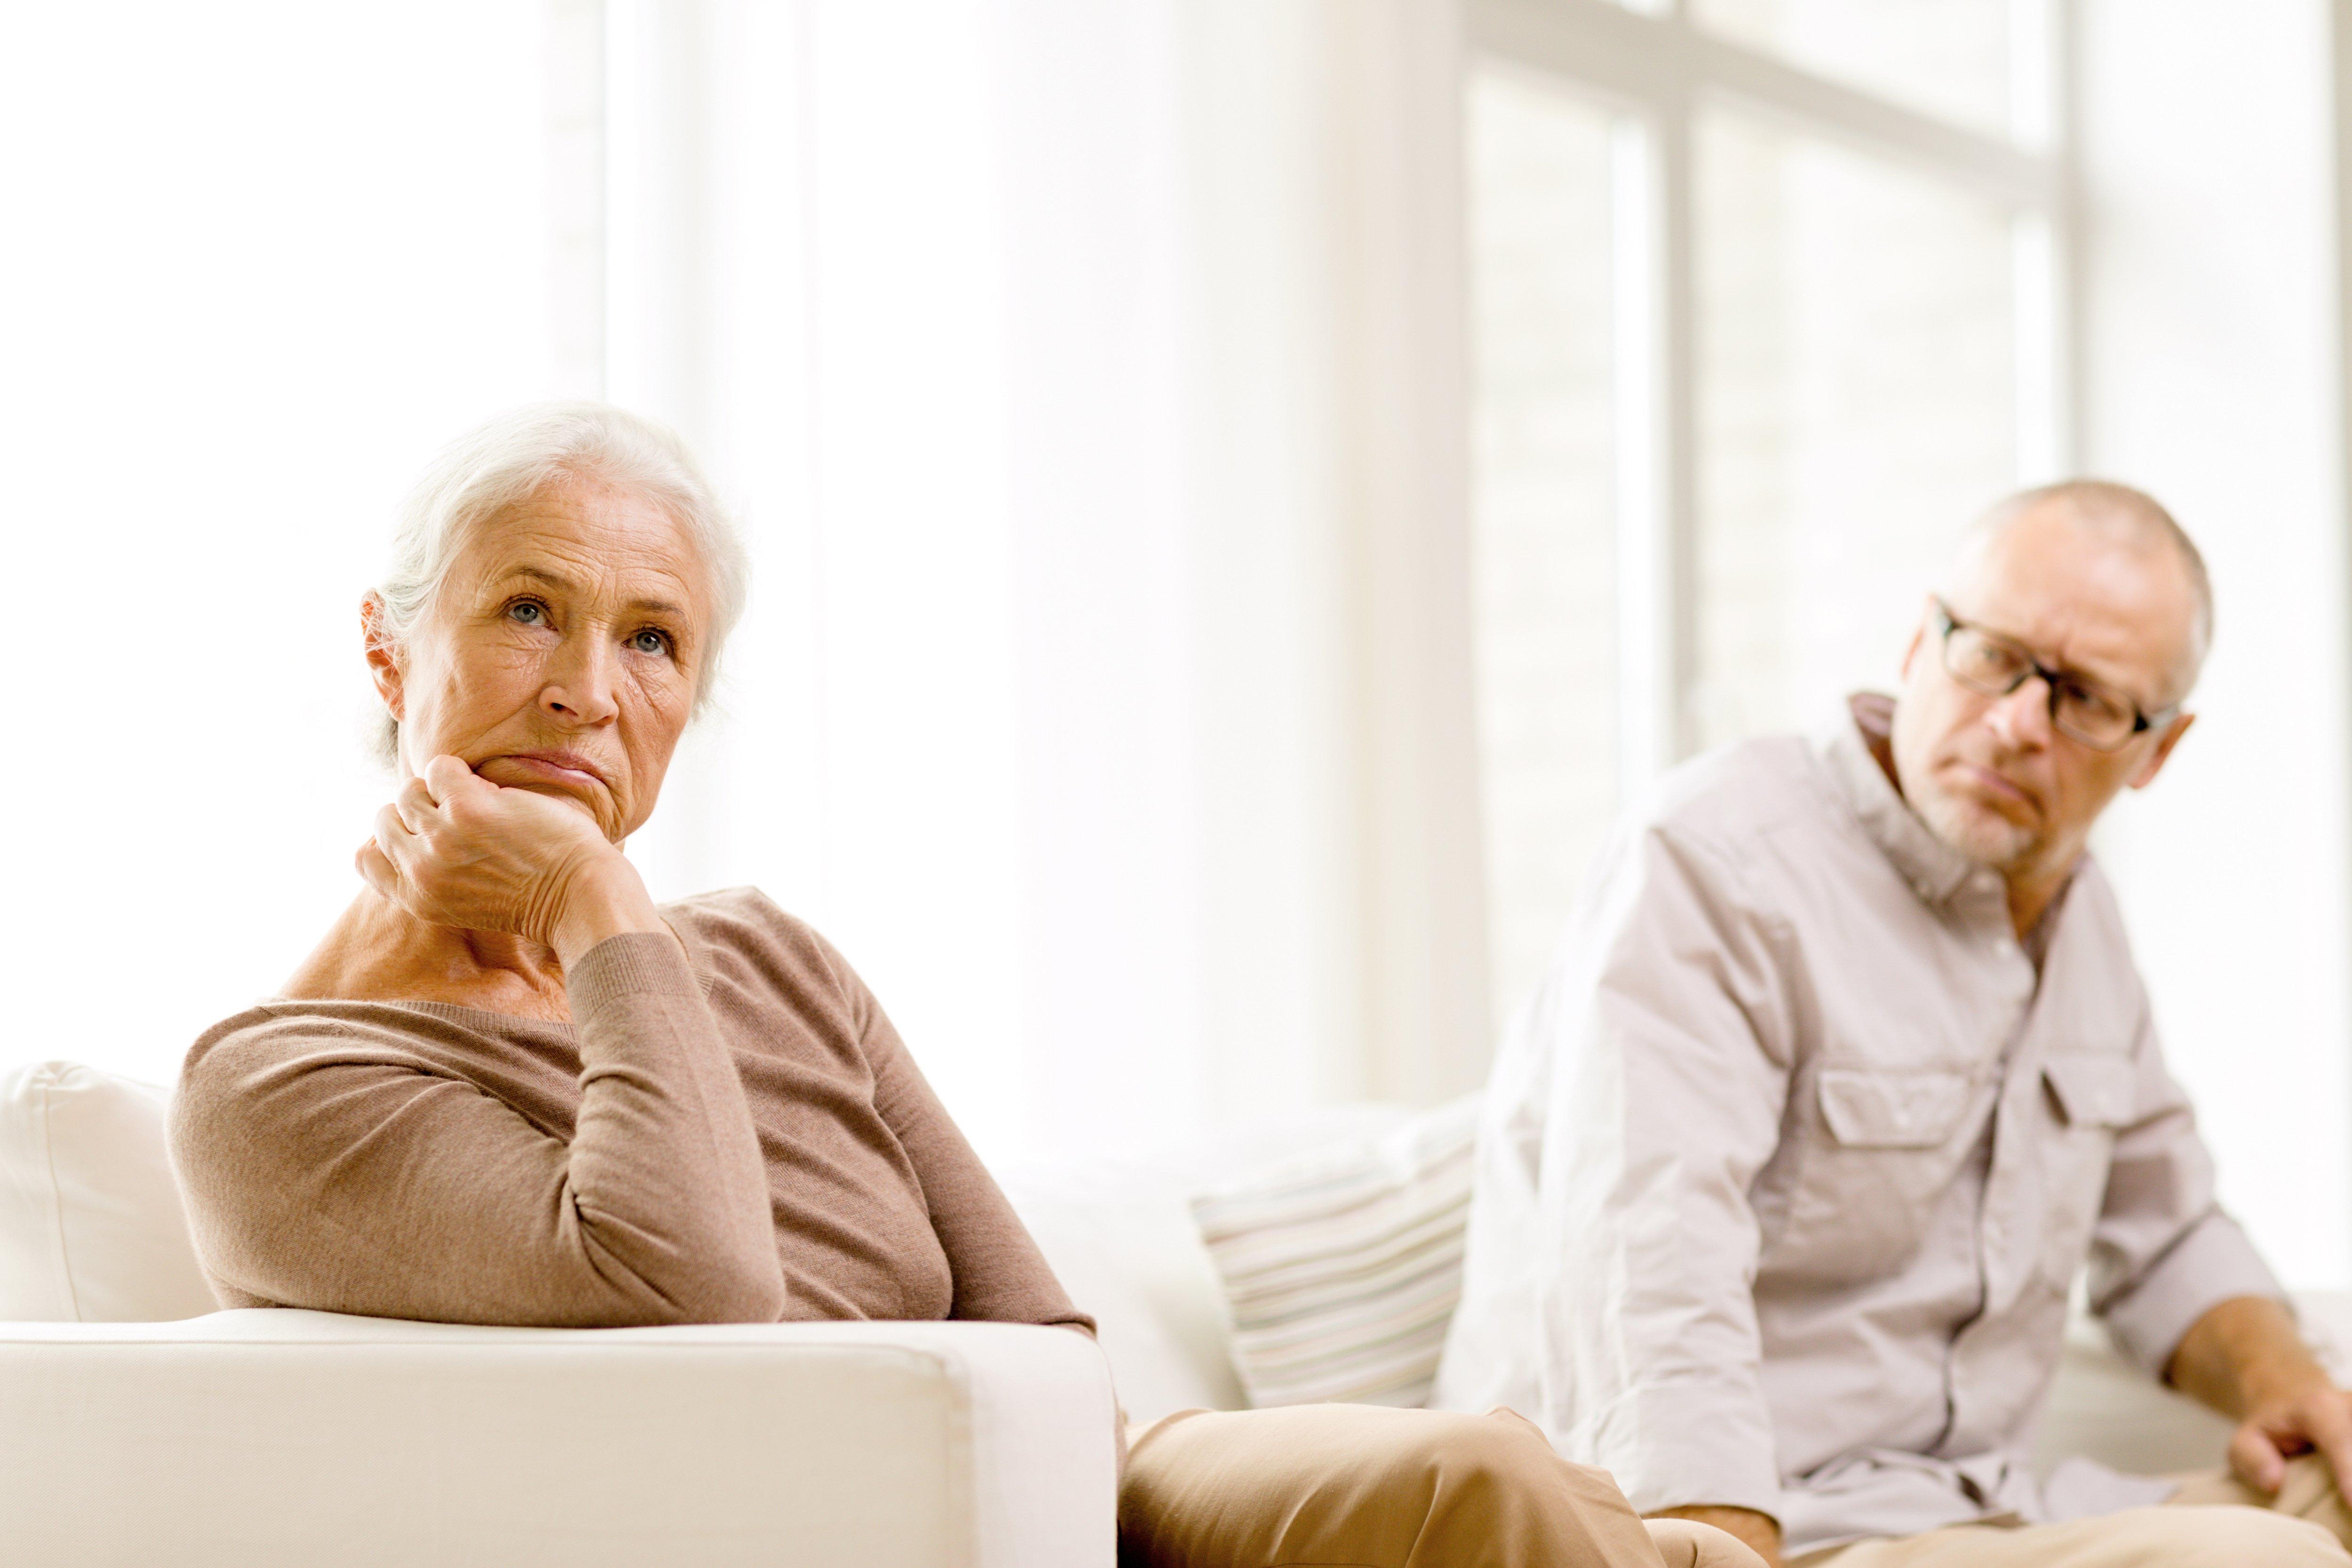 """""""死後離婚""""急増。10年で2倍の「姻族関係終了届」、「小姑にバレる?」「介護・相続は?」"""